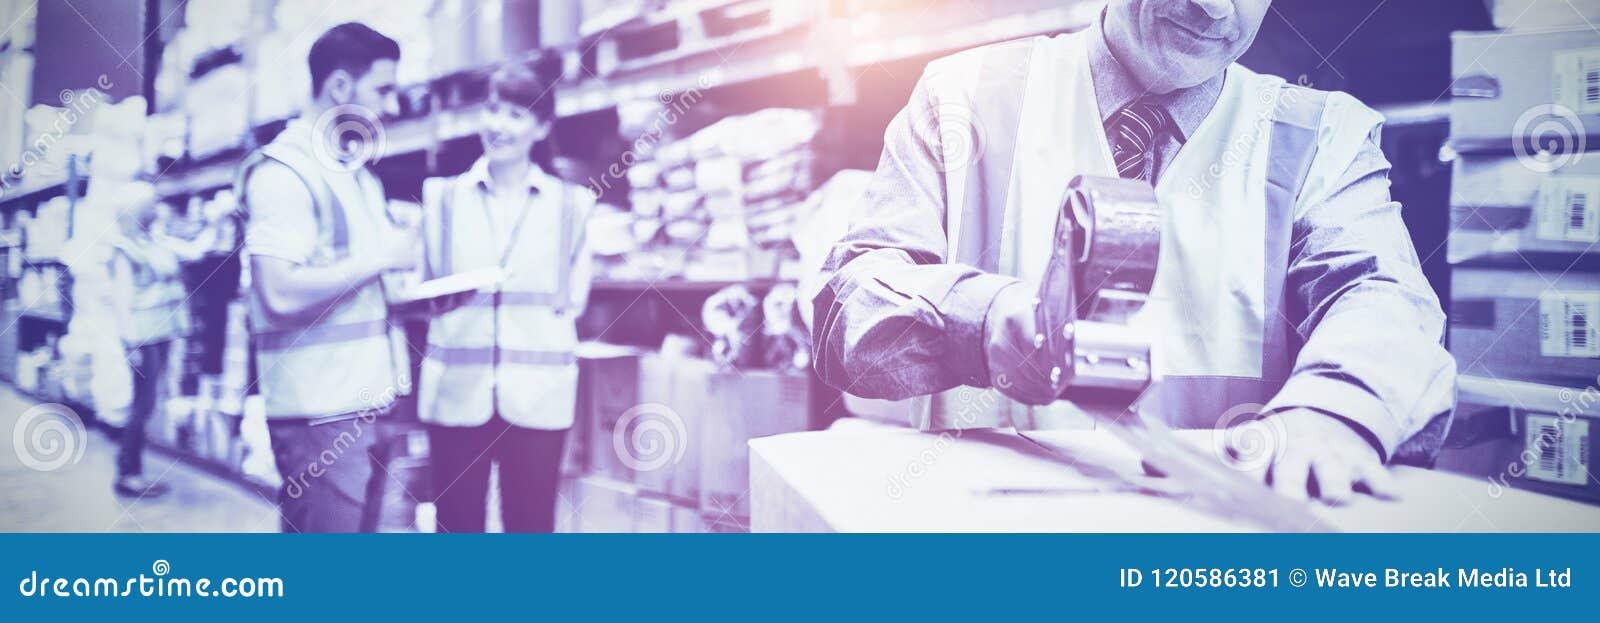 Картонные коробки запечатывания работника склада для грузить